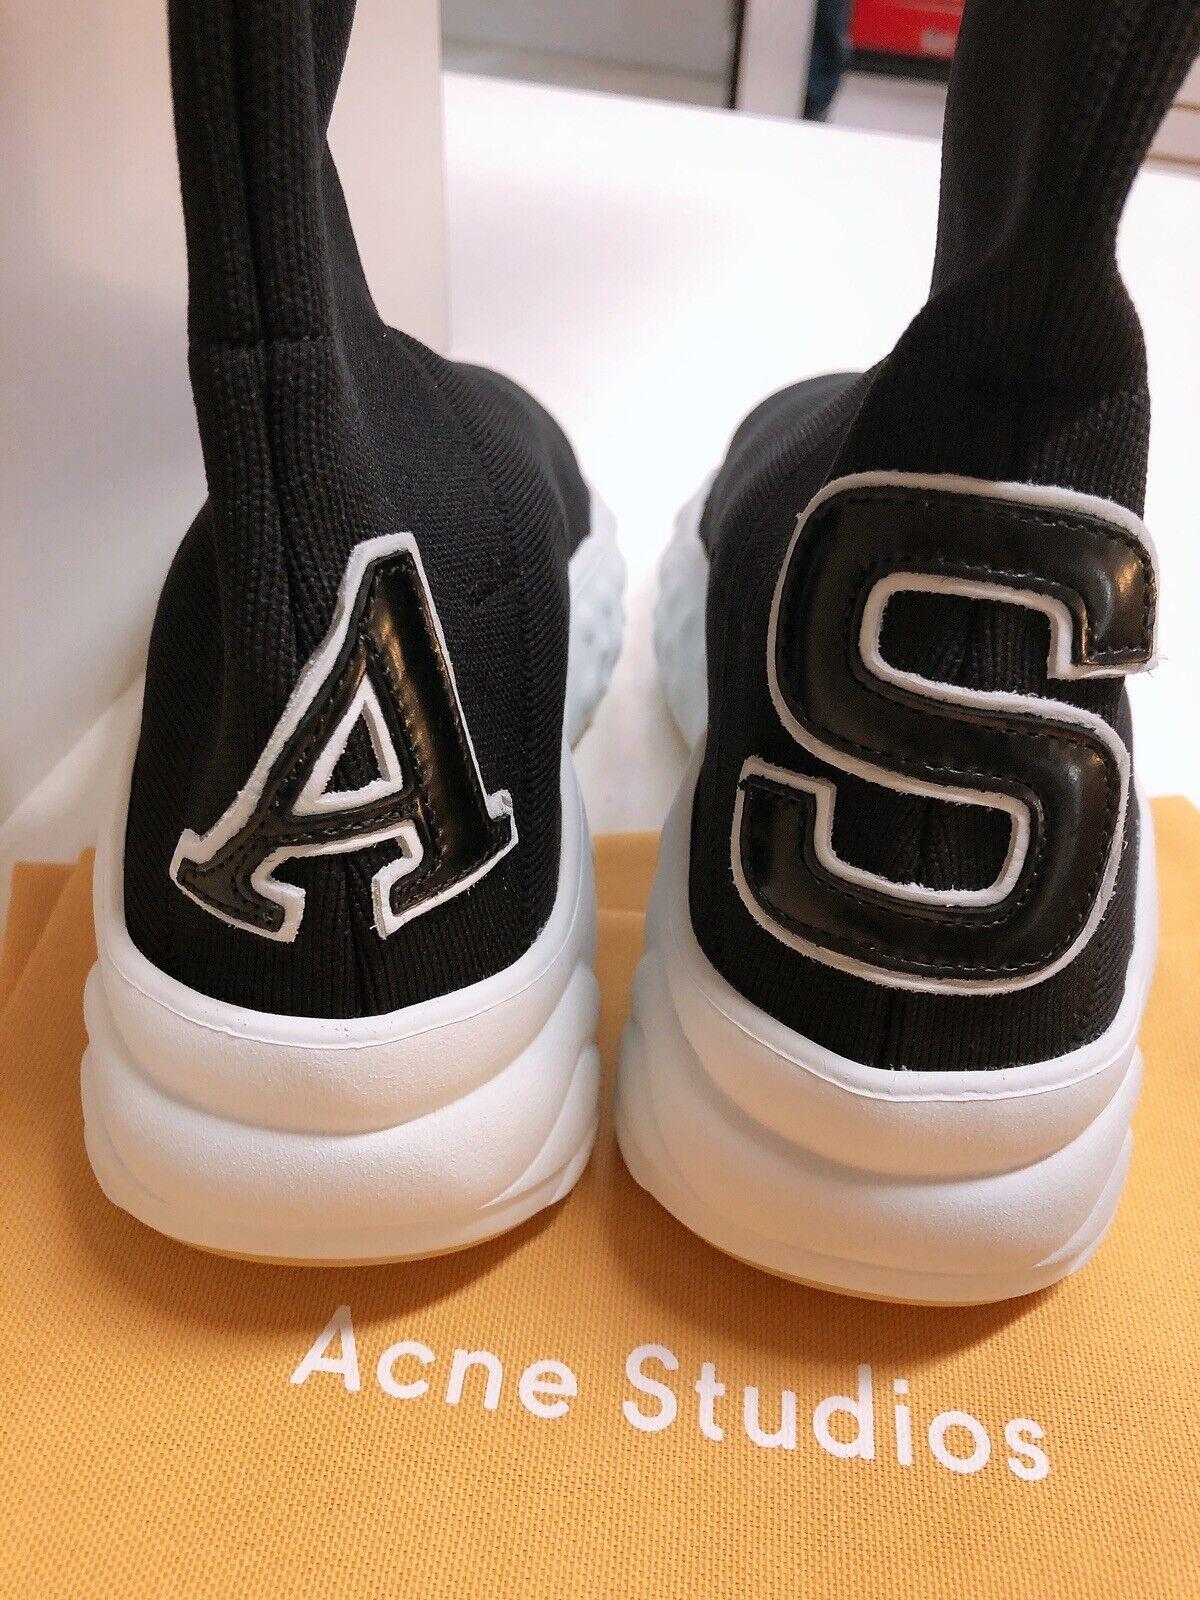 New Acne studios socks sneakers size 7